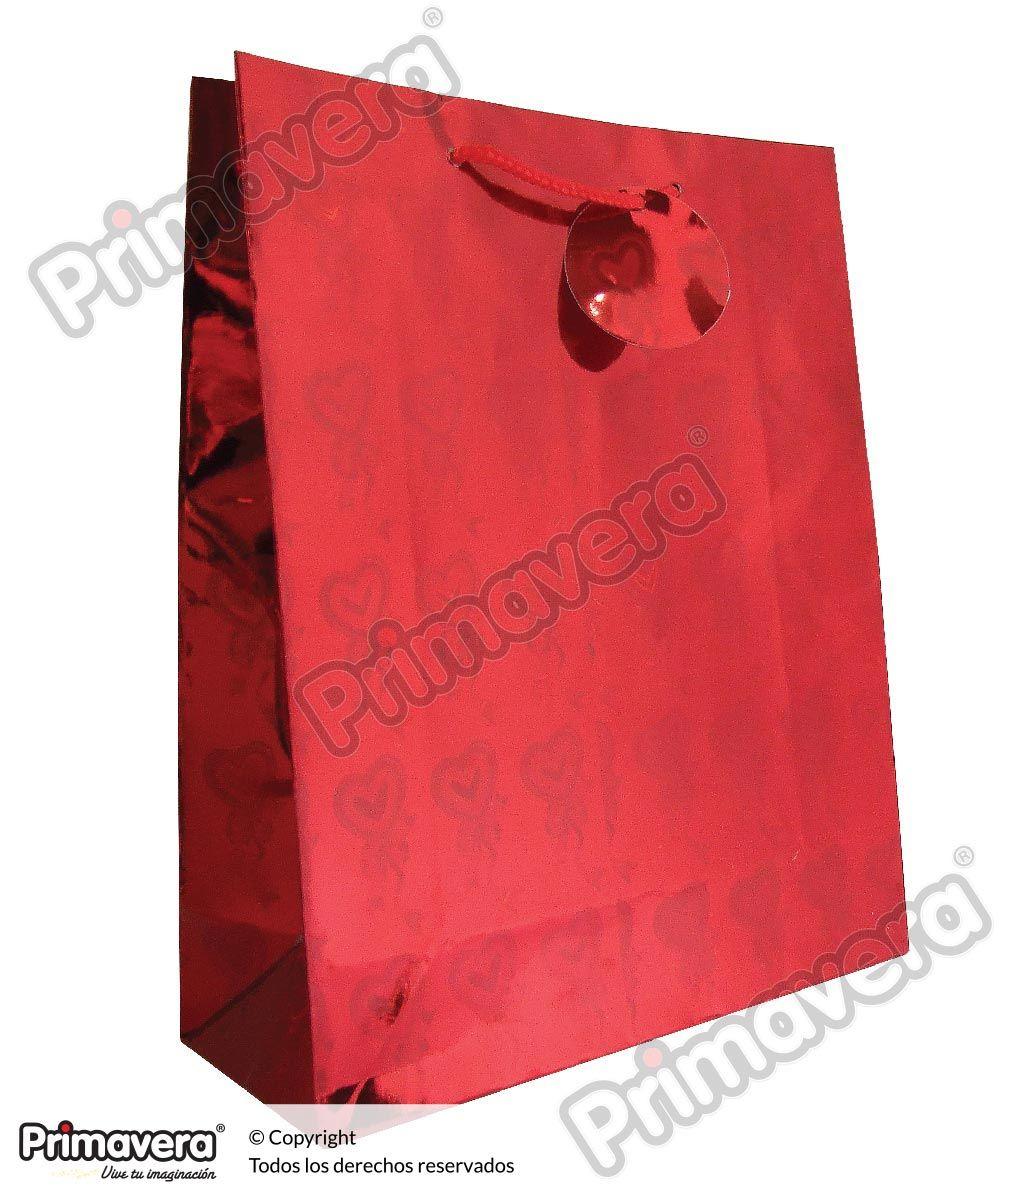 Bolsa Regalo Holográmica http://envoltura.papelesprimavera.com/product/bolsa-regalo-primavera-hologramica-12/